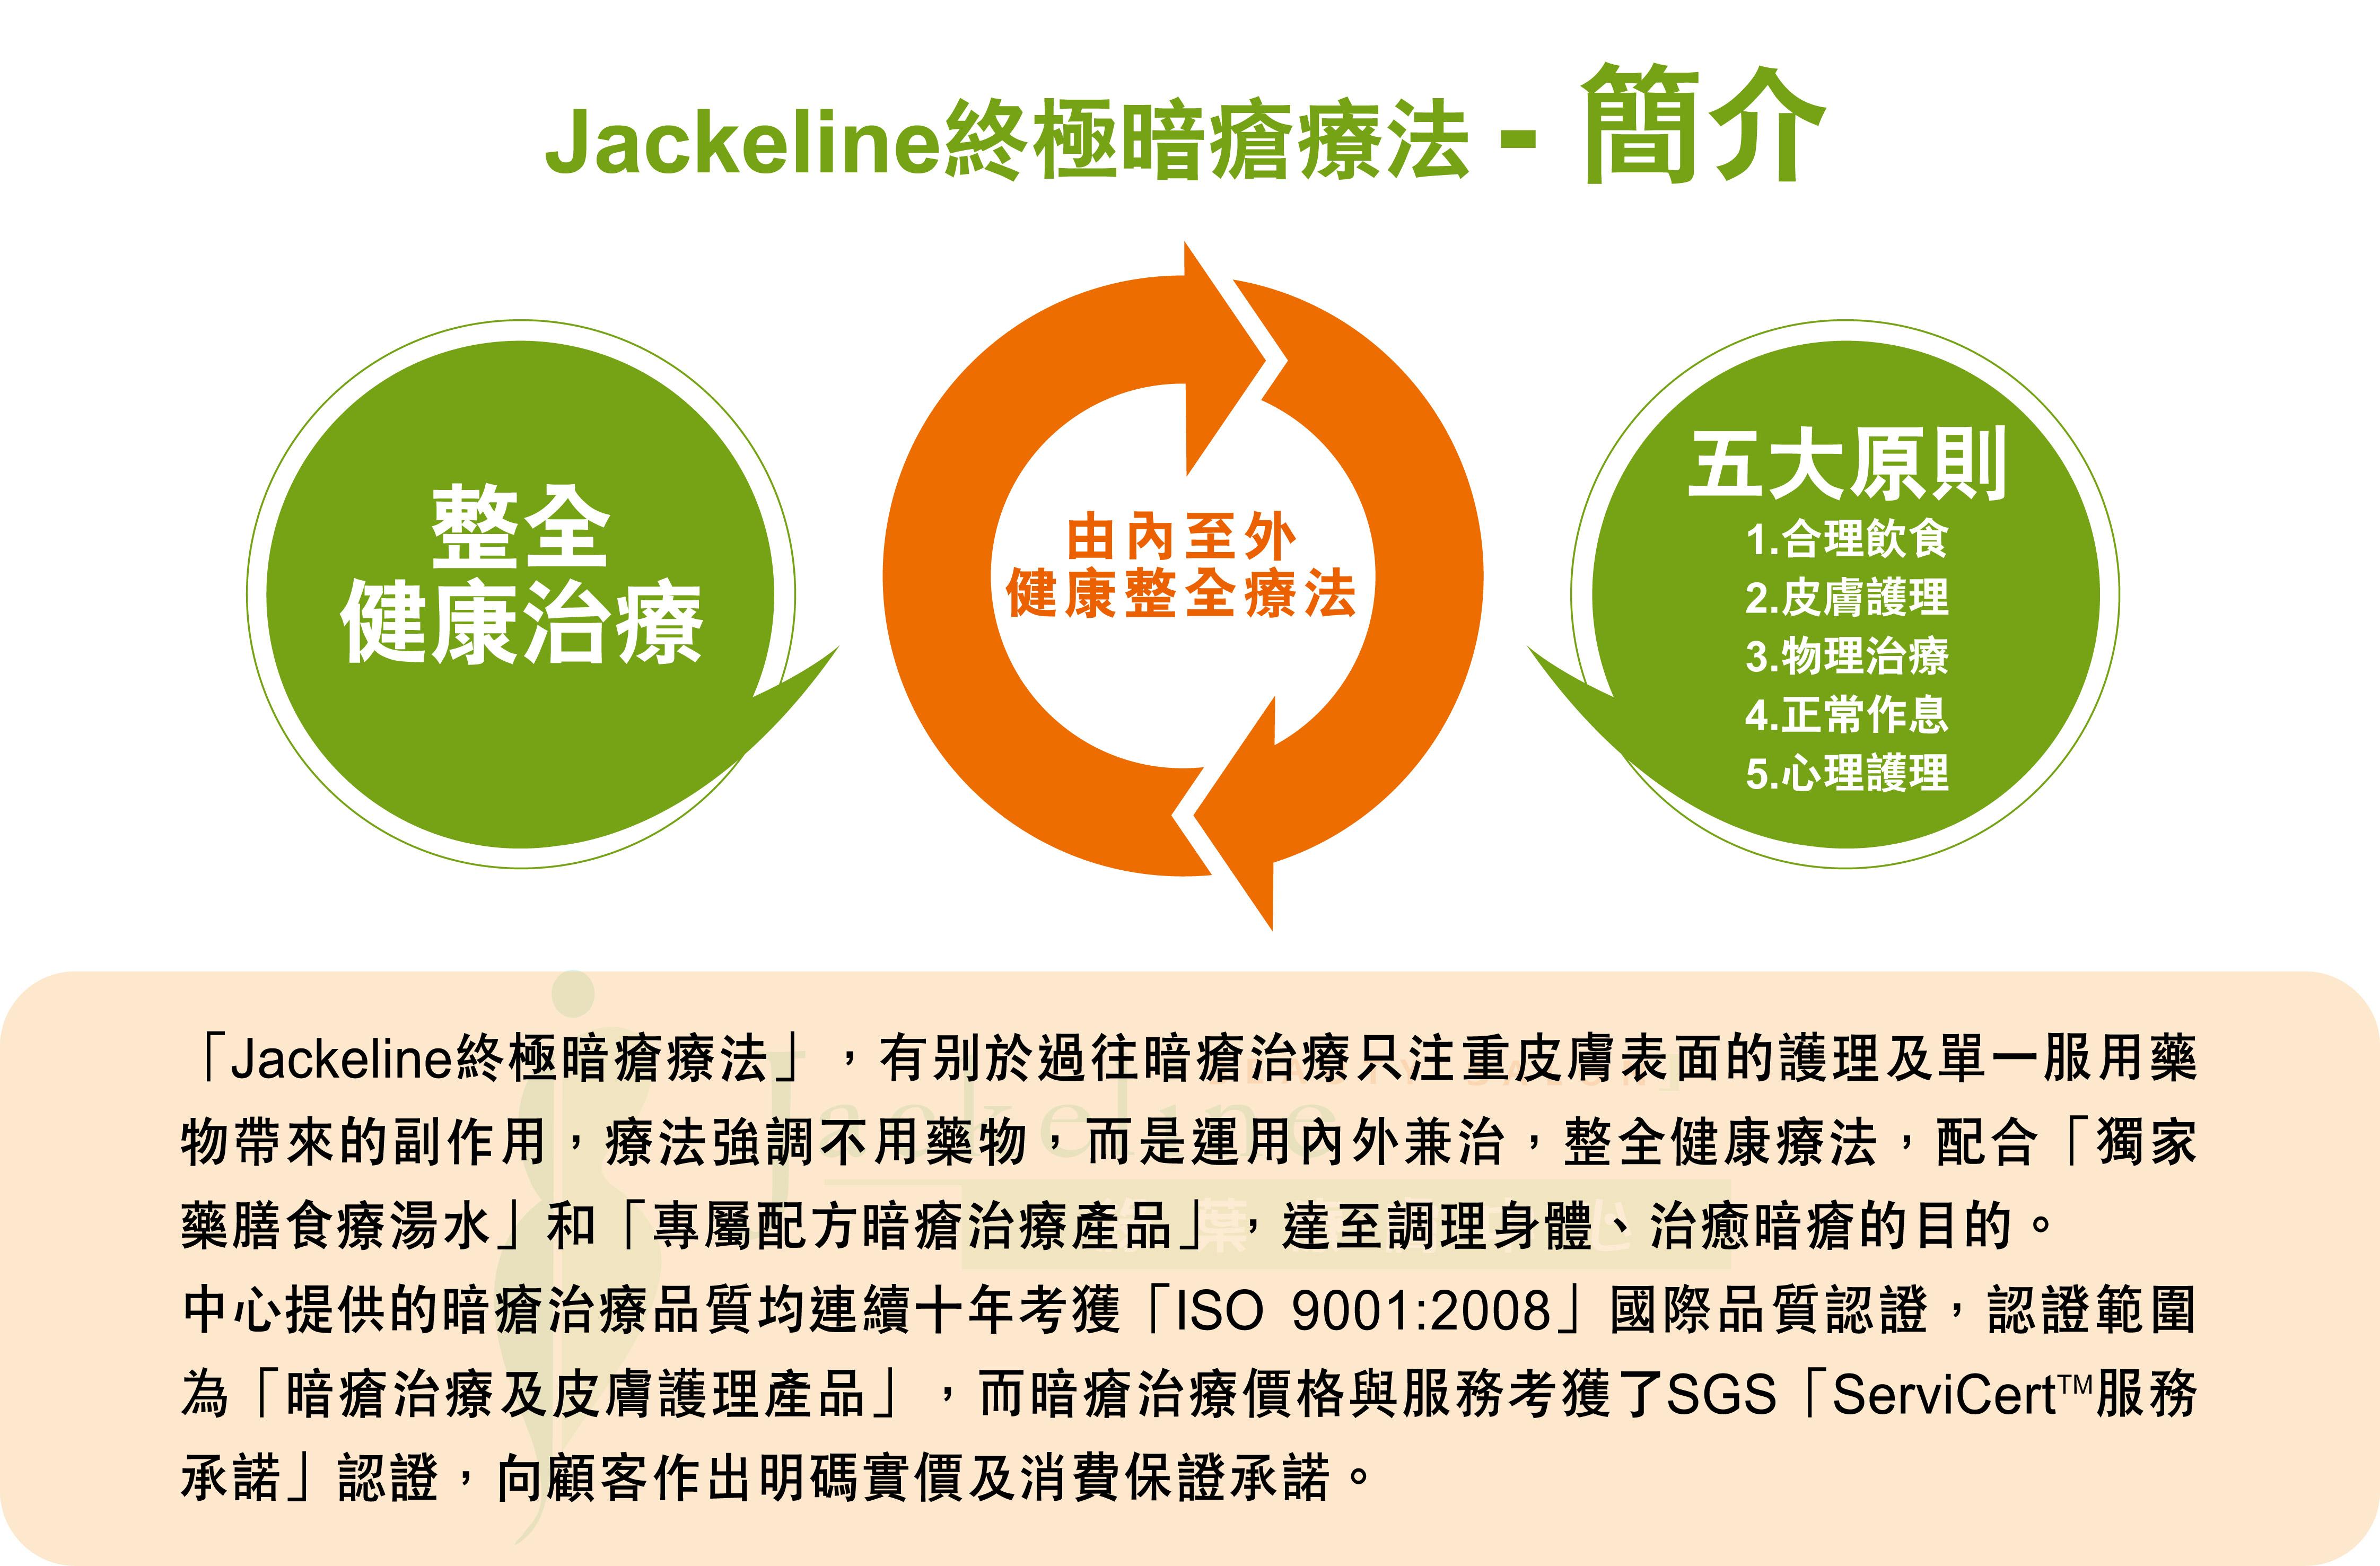 Jackeline終極療法介紹